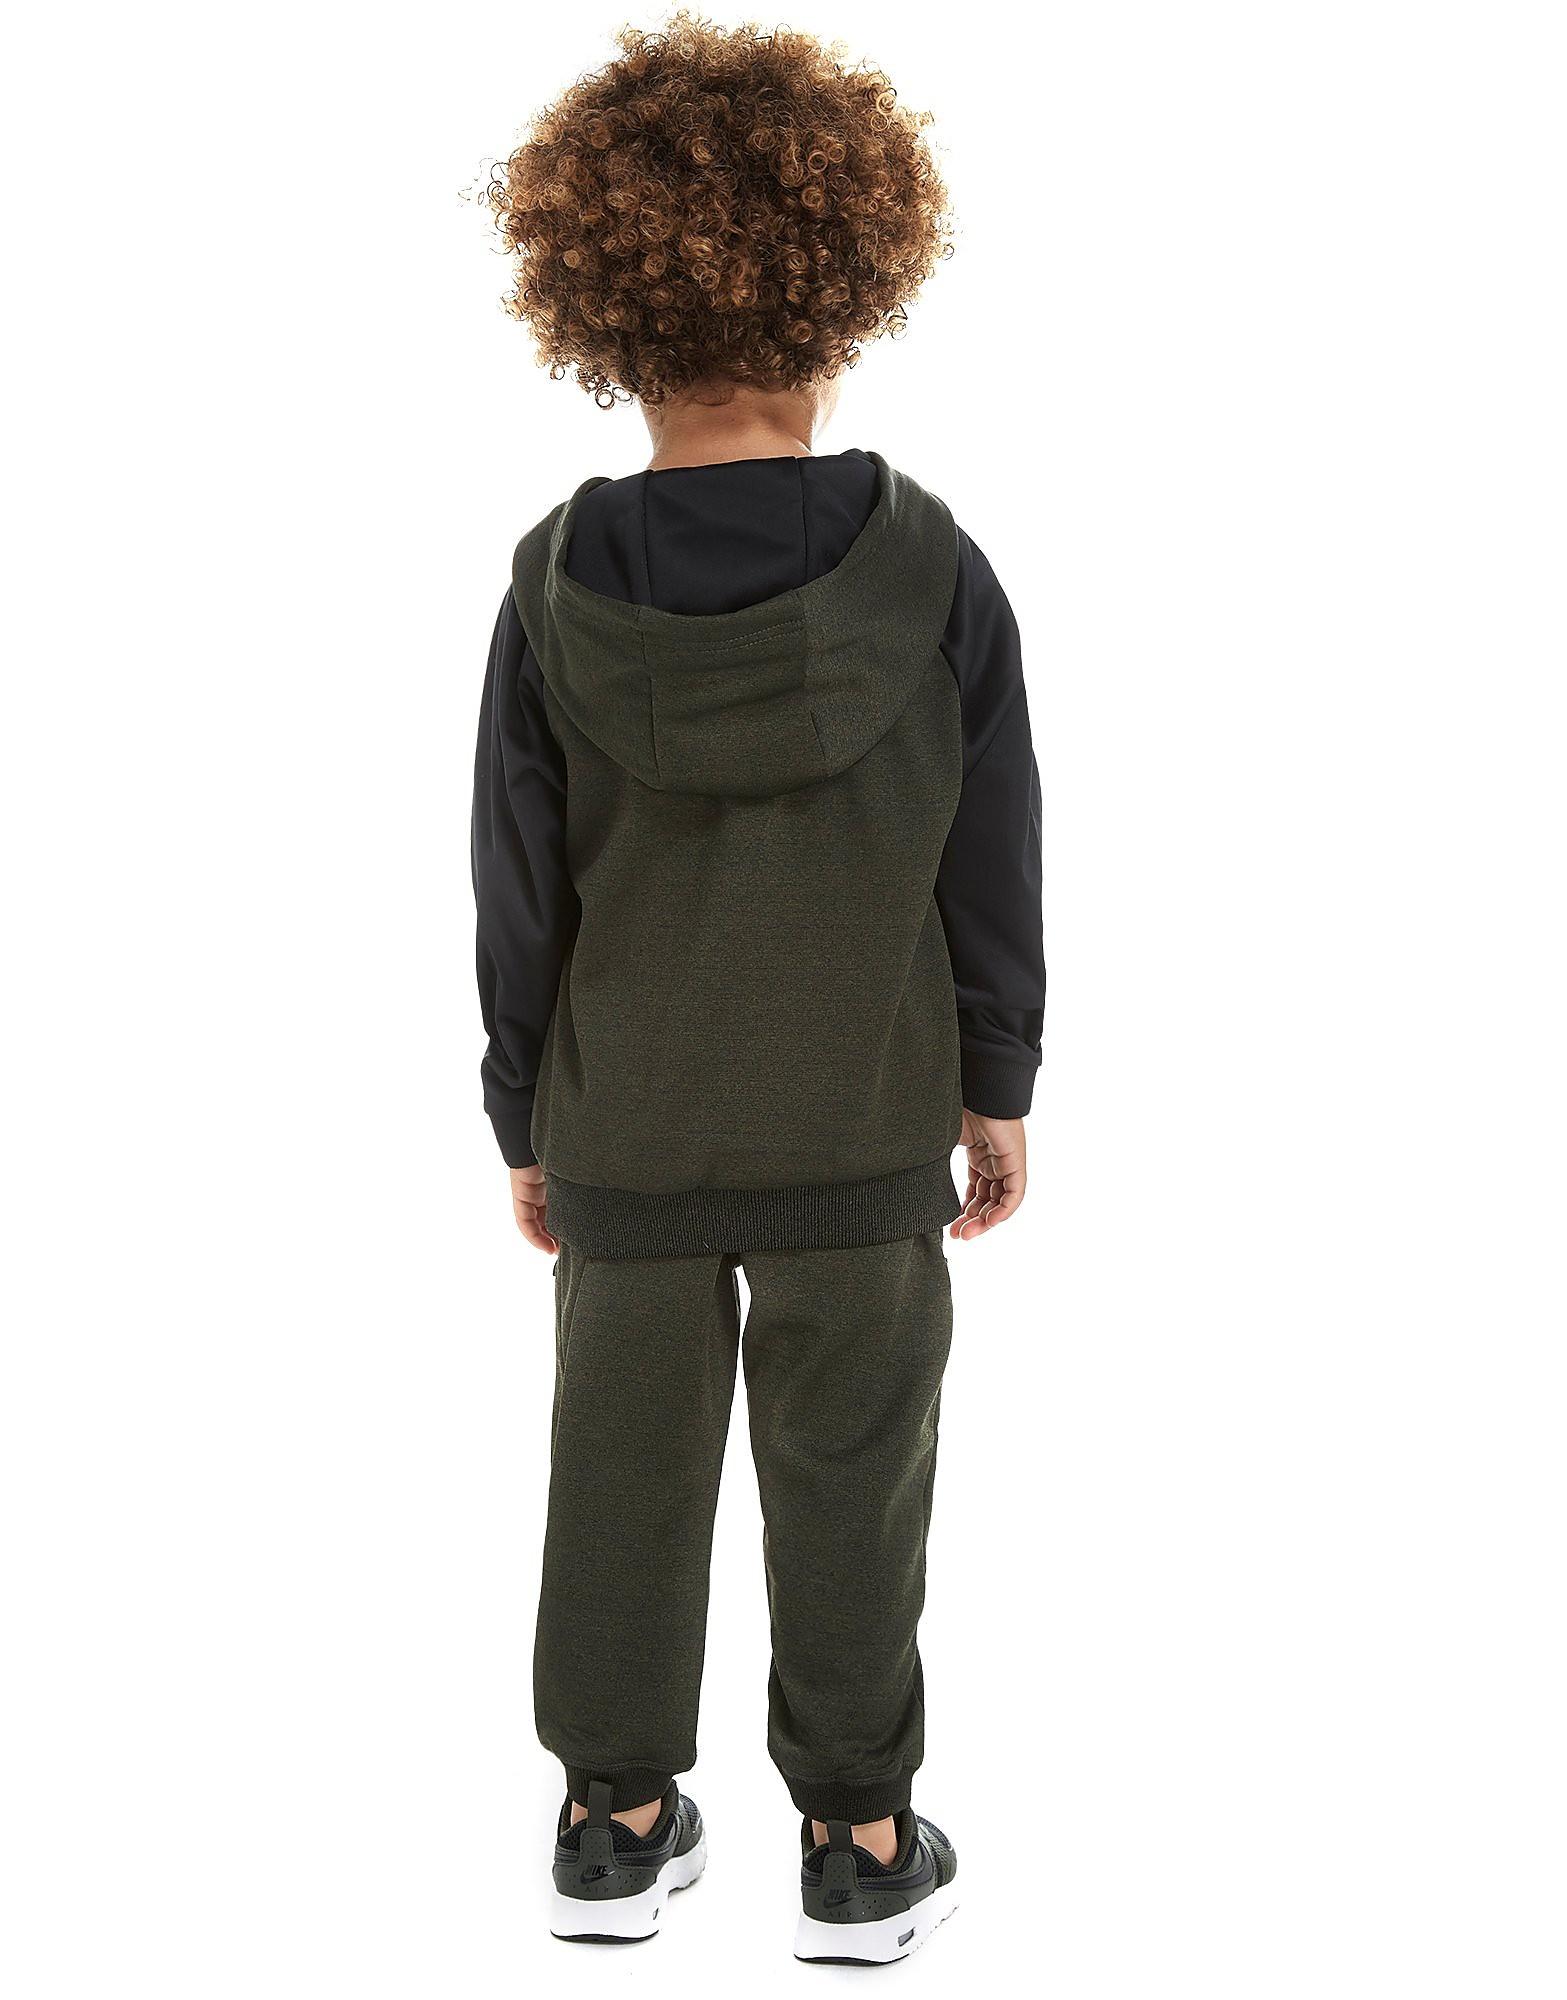 Ellesse Bervo Hoodie Suit Children